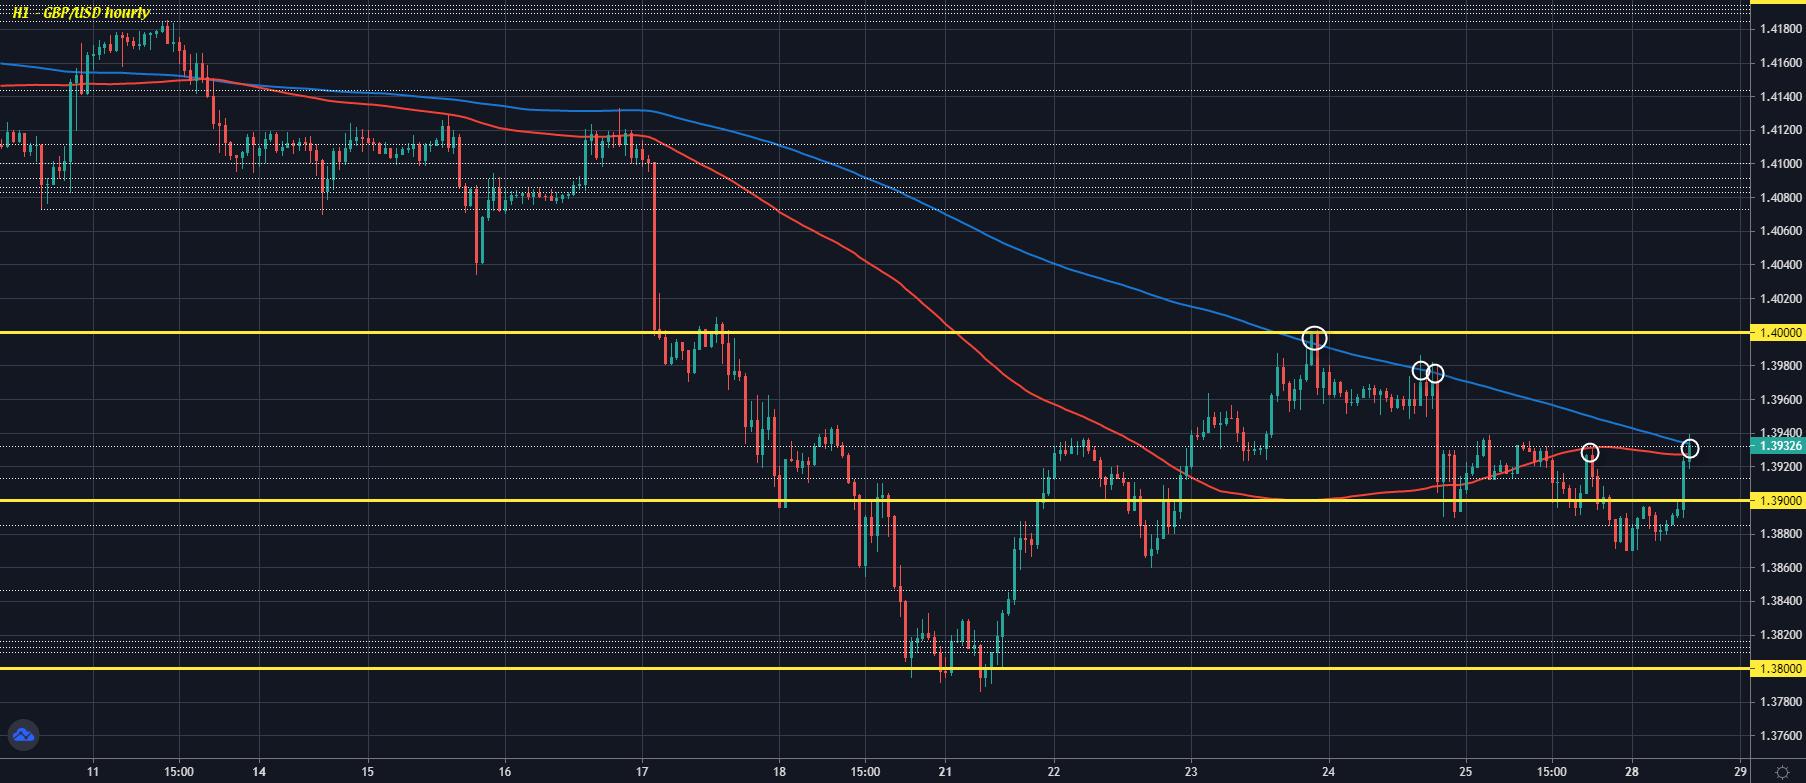 GBP/USD H1 28-06